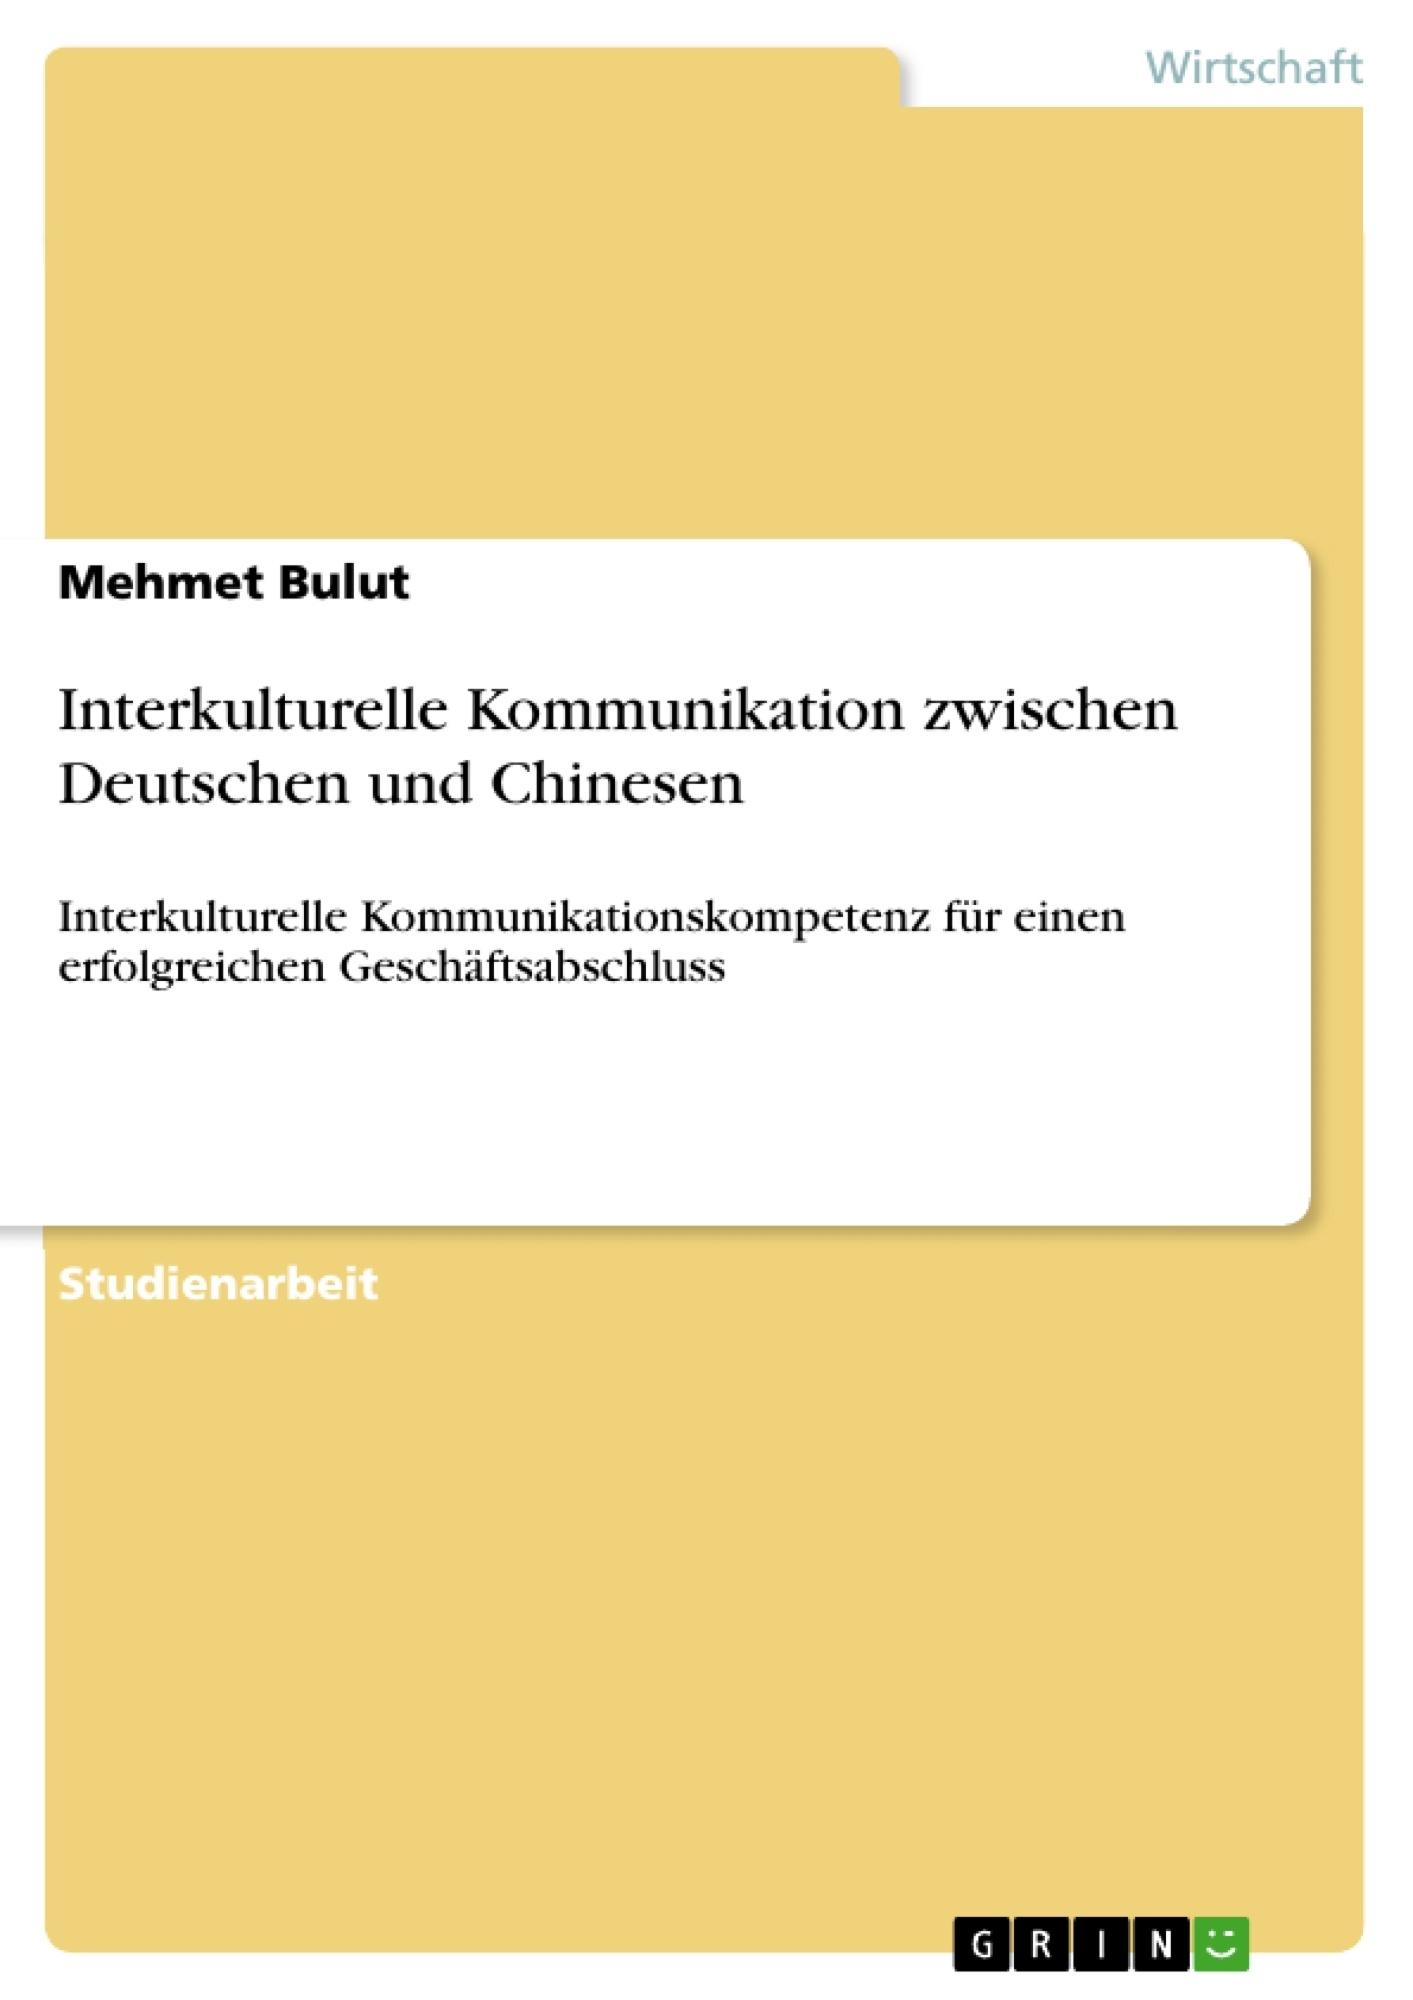 Titel: Interkulturelle Kommunikation zwischen Deutschen und Chinesen